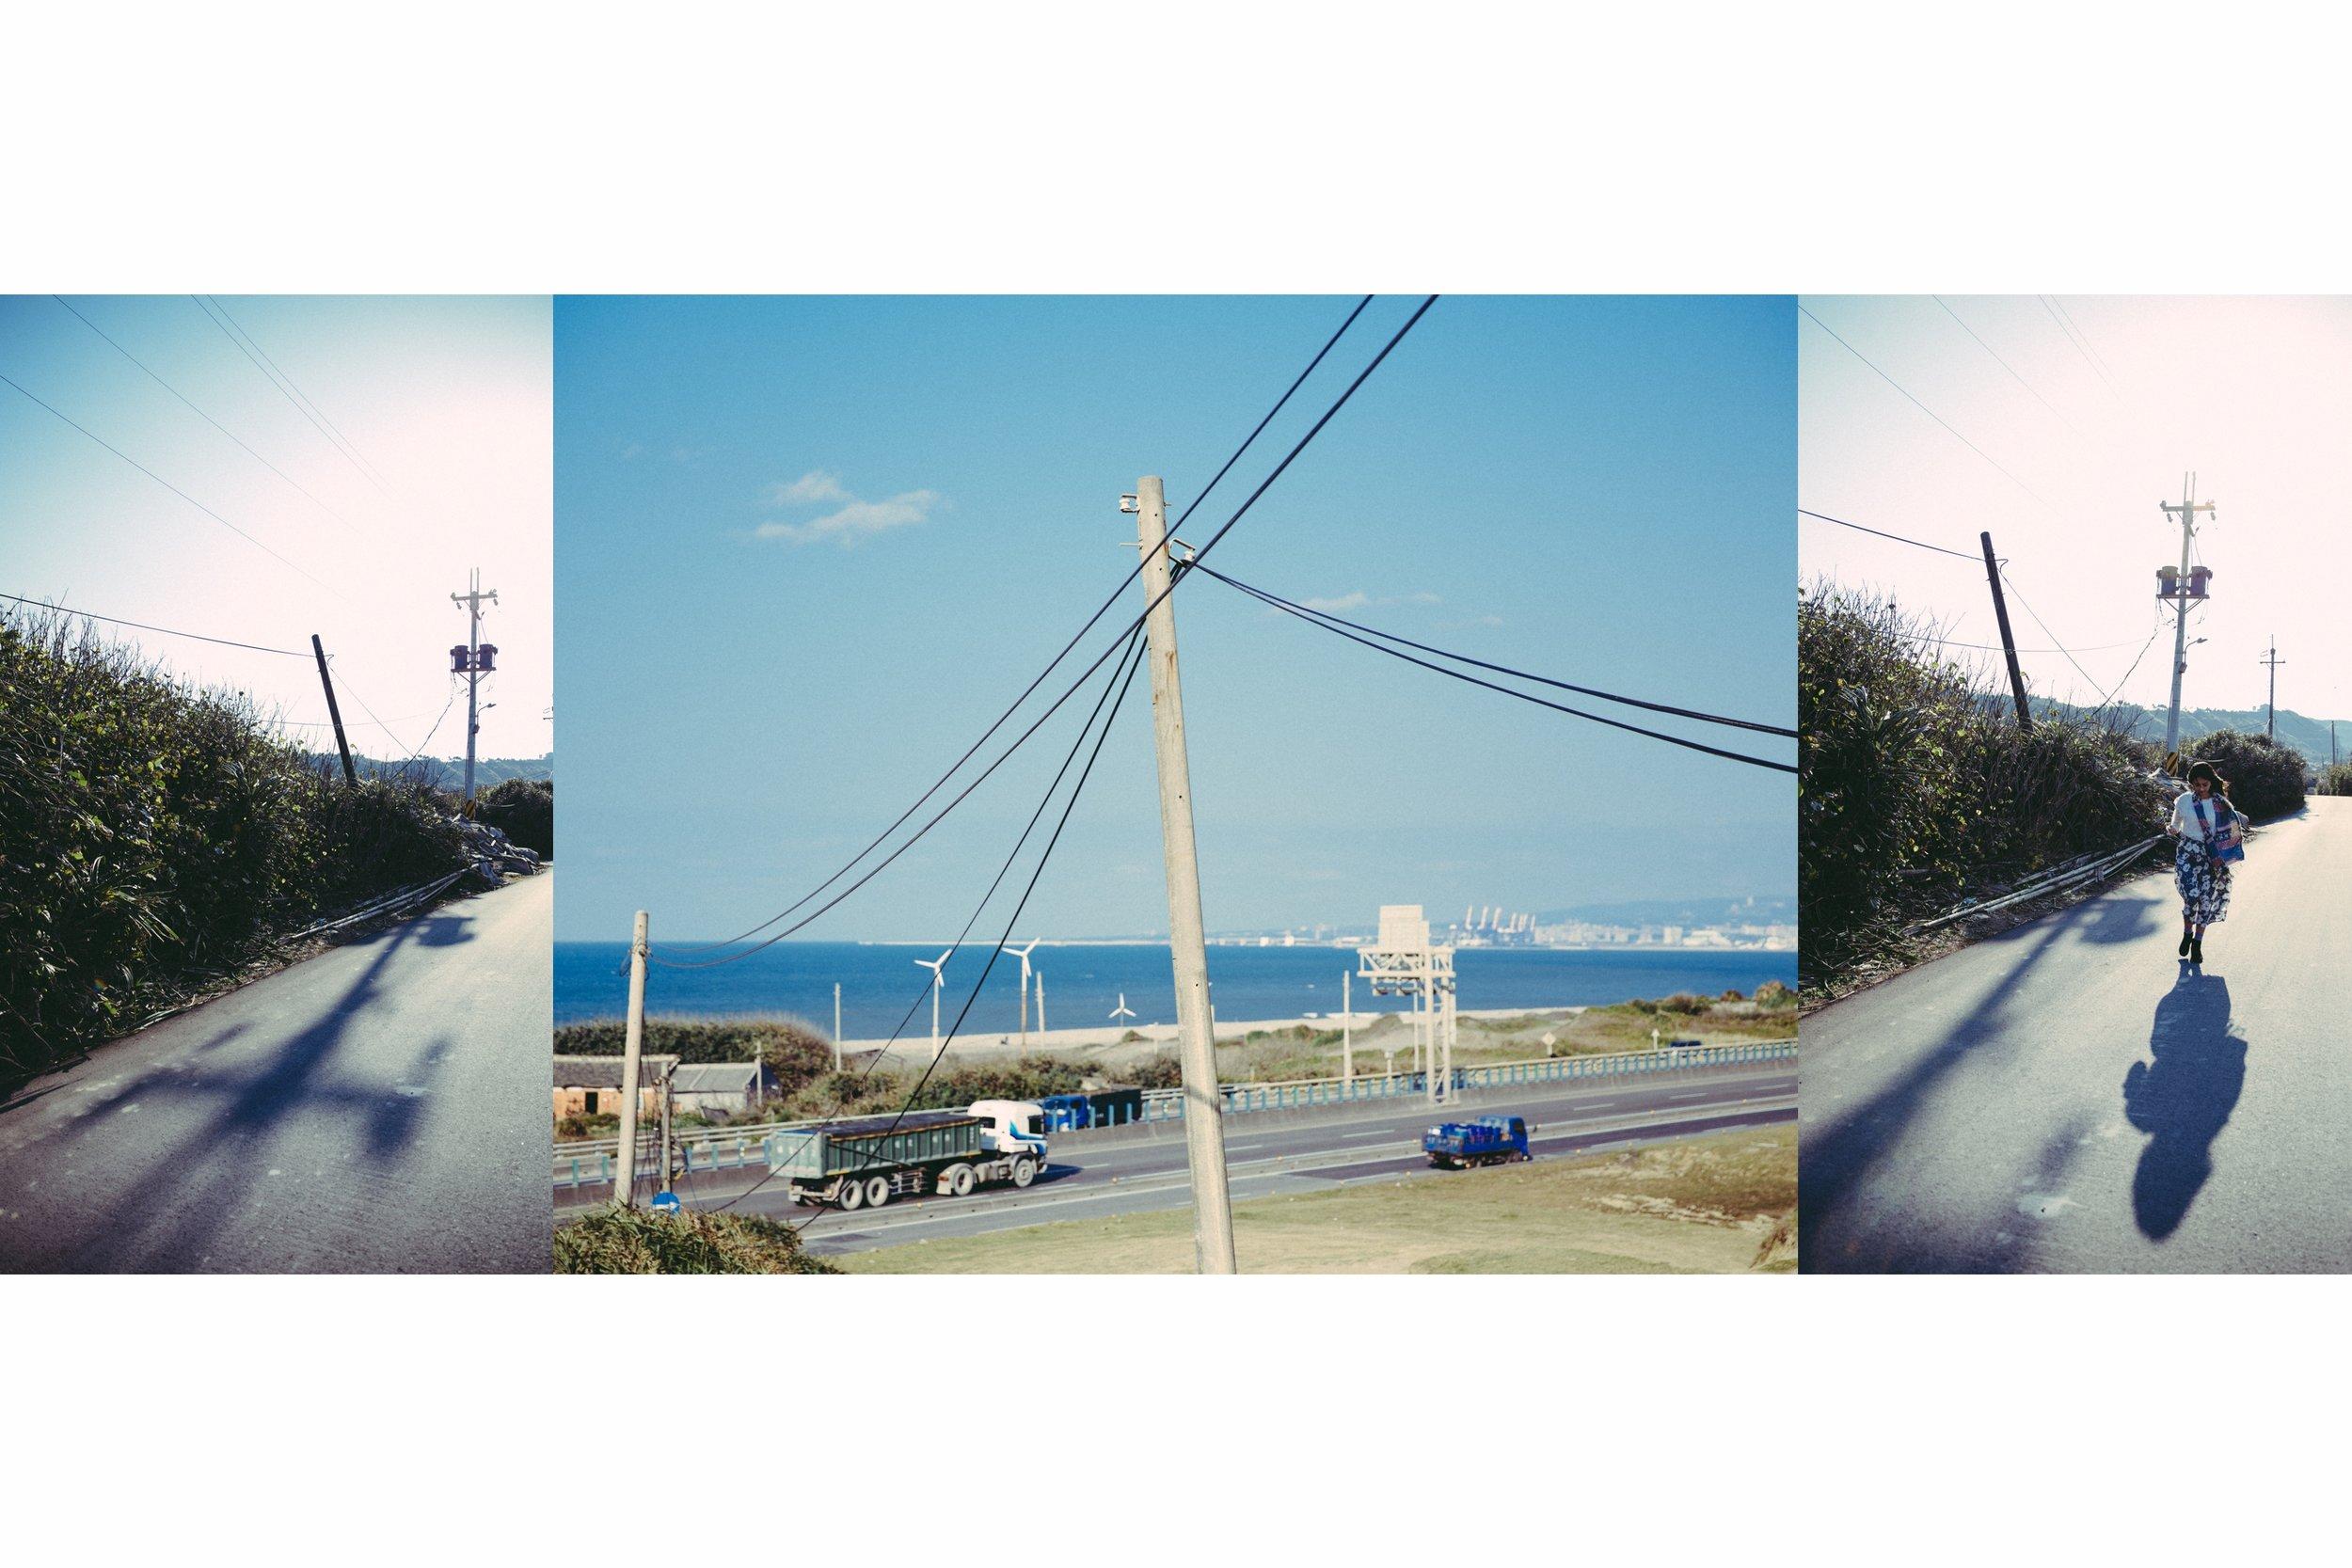 087-088.jpg